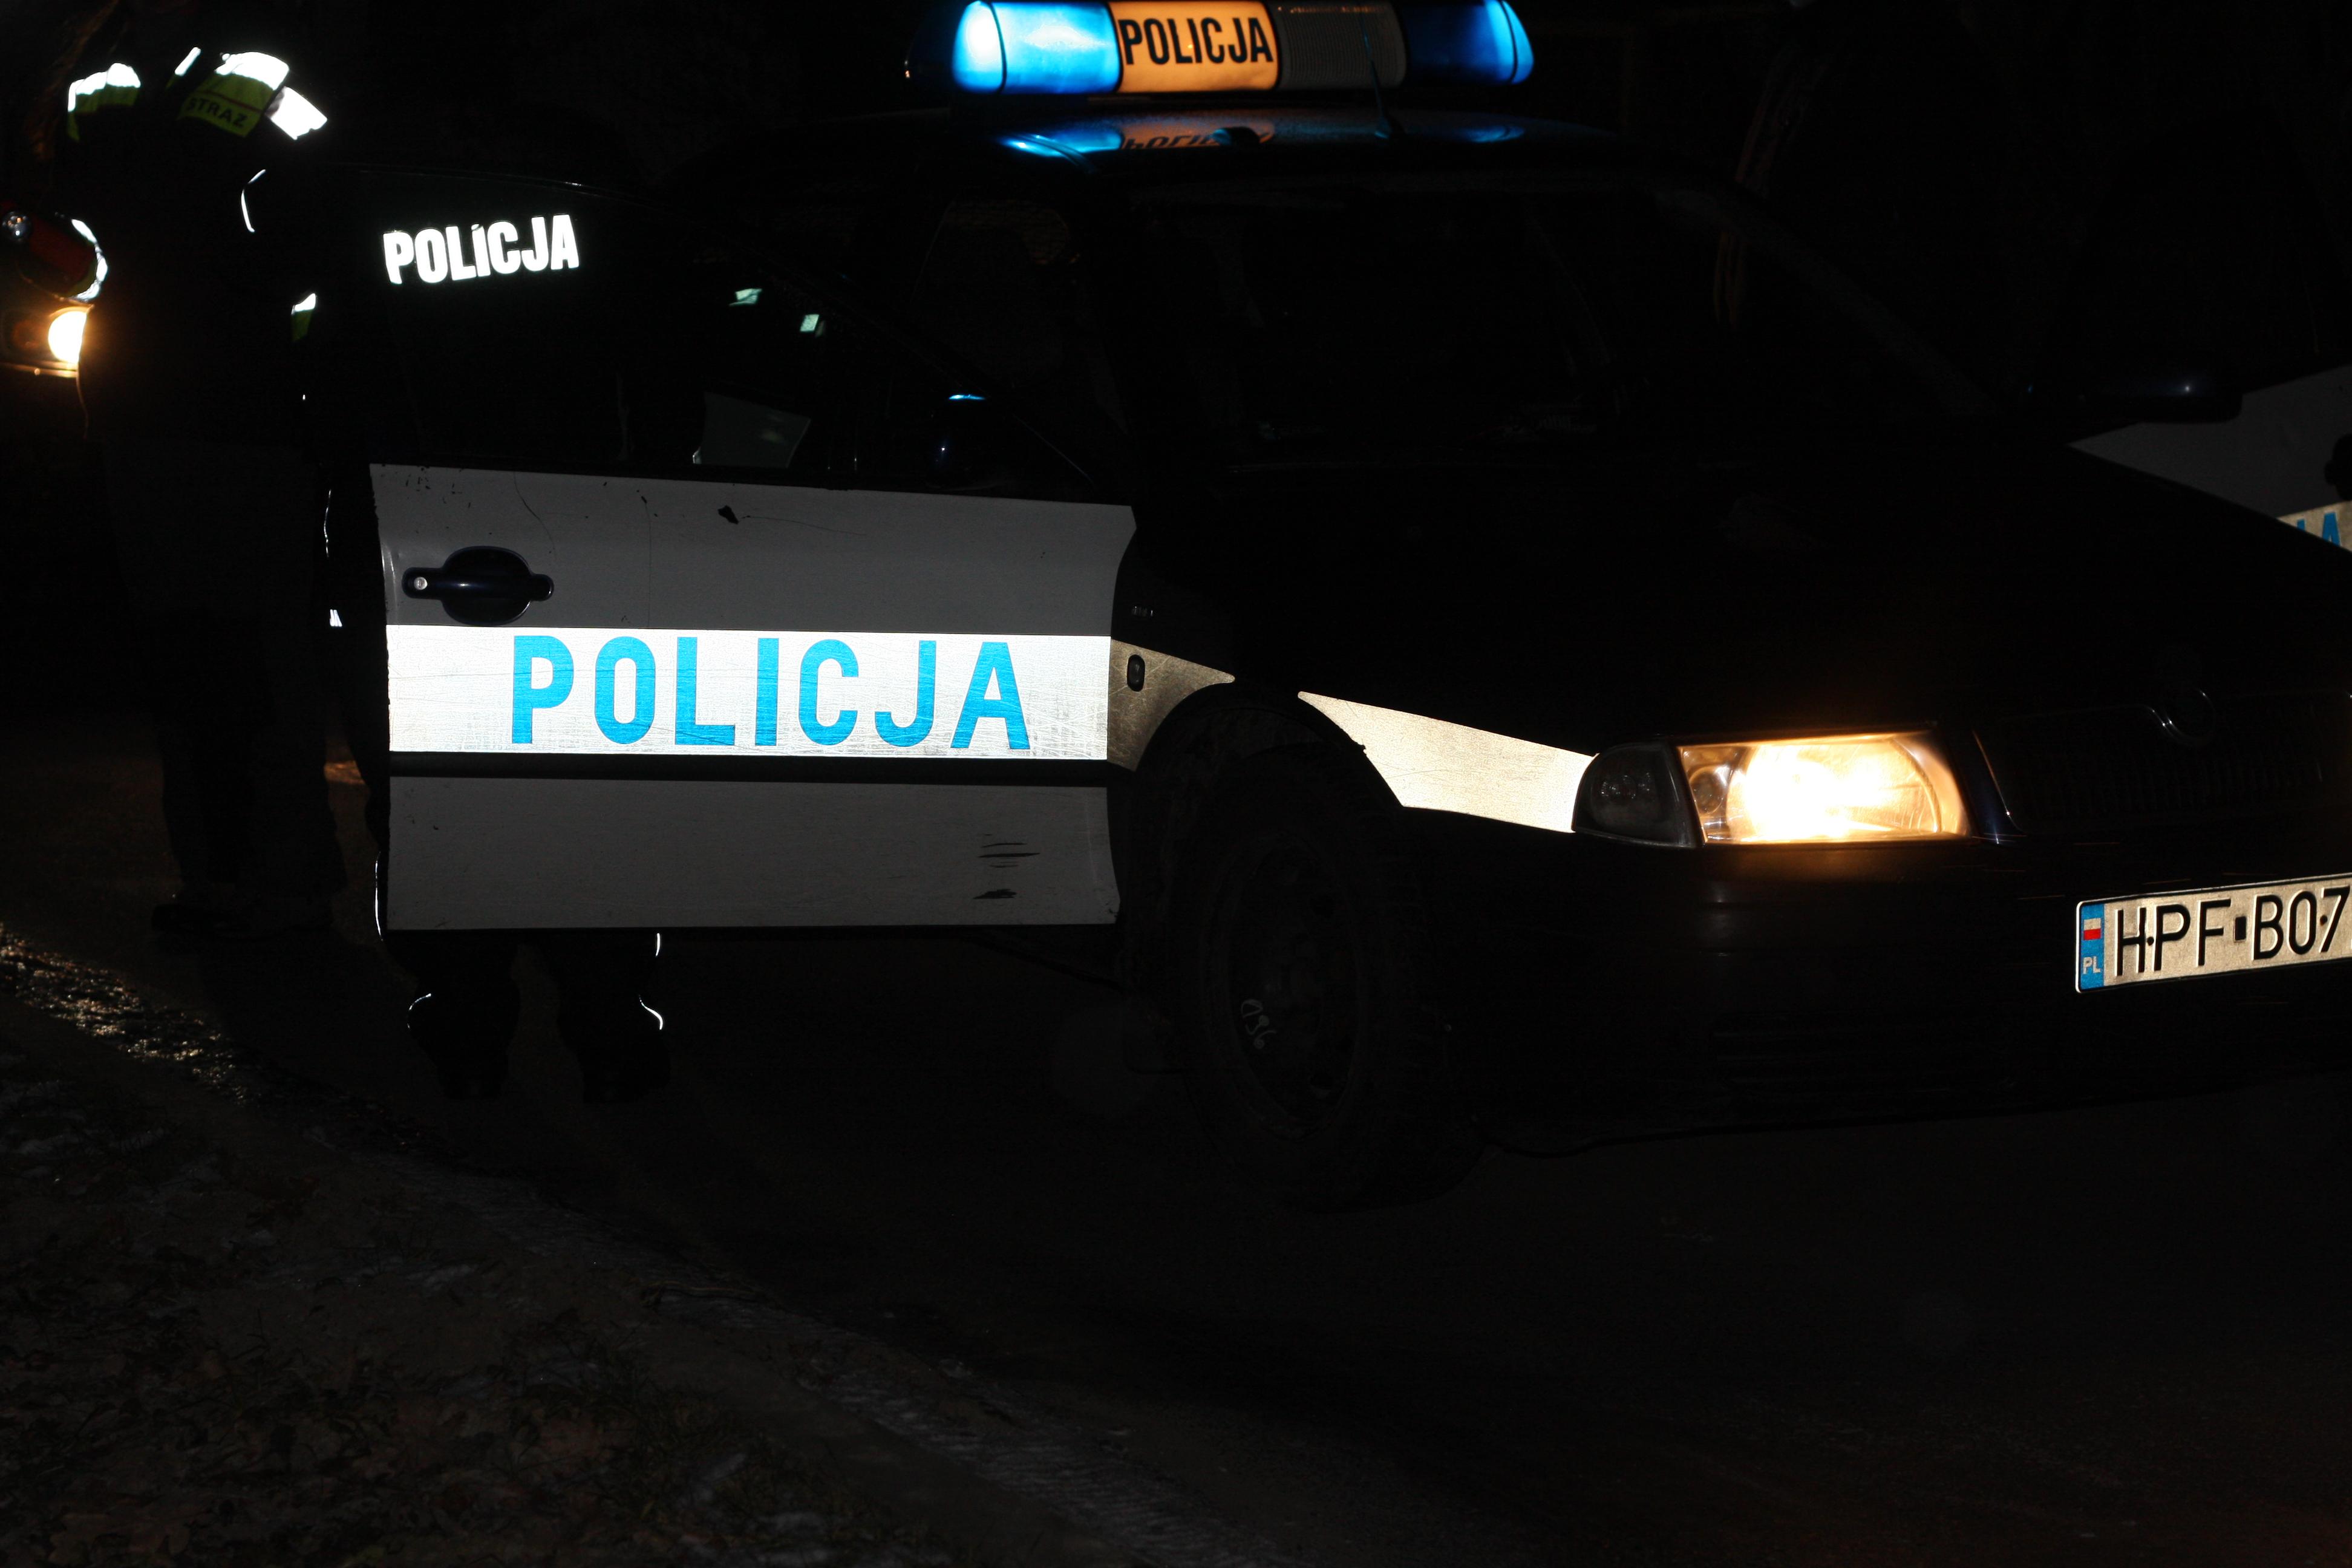 Zatrzymali pijanego kierowcę i wezwali policję